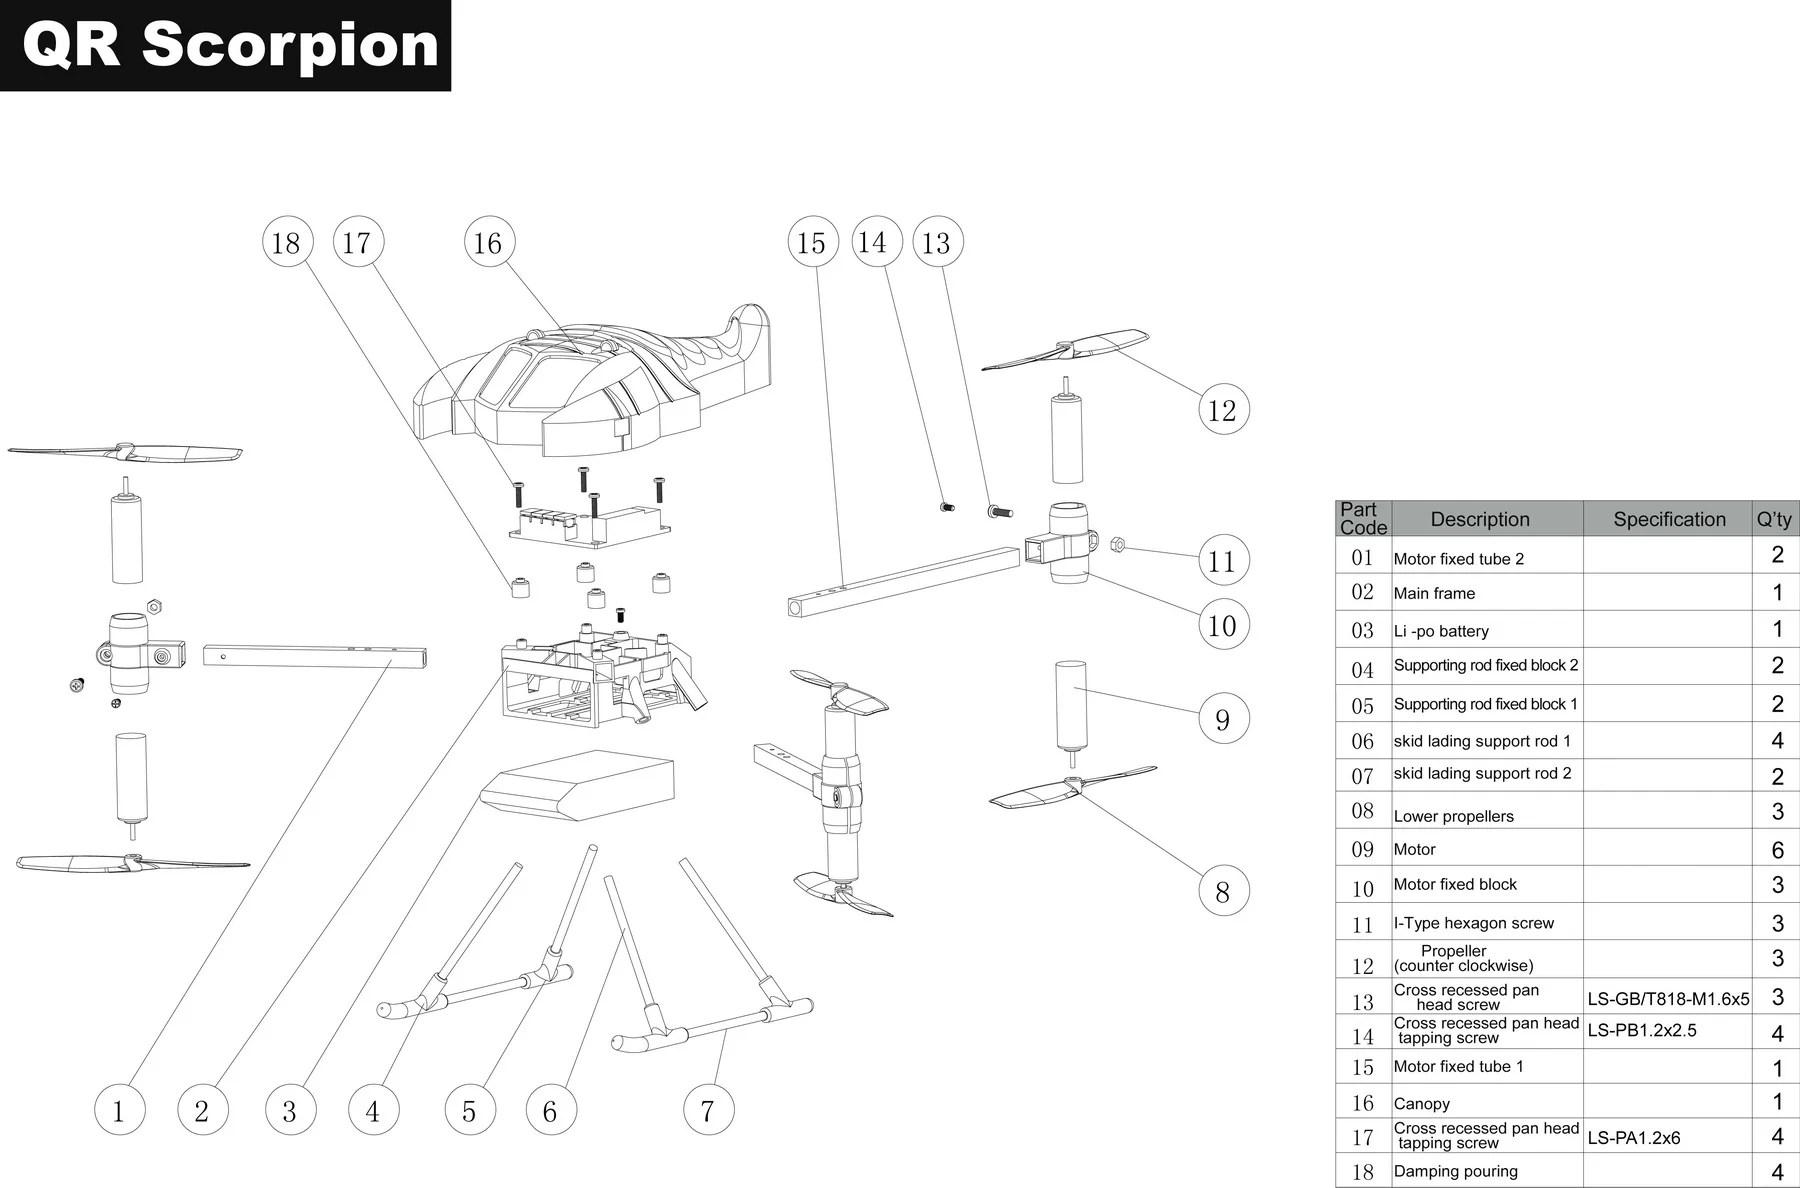 medium resolution of qr scorpion parts diagram